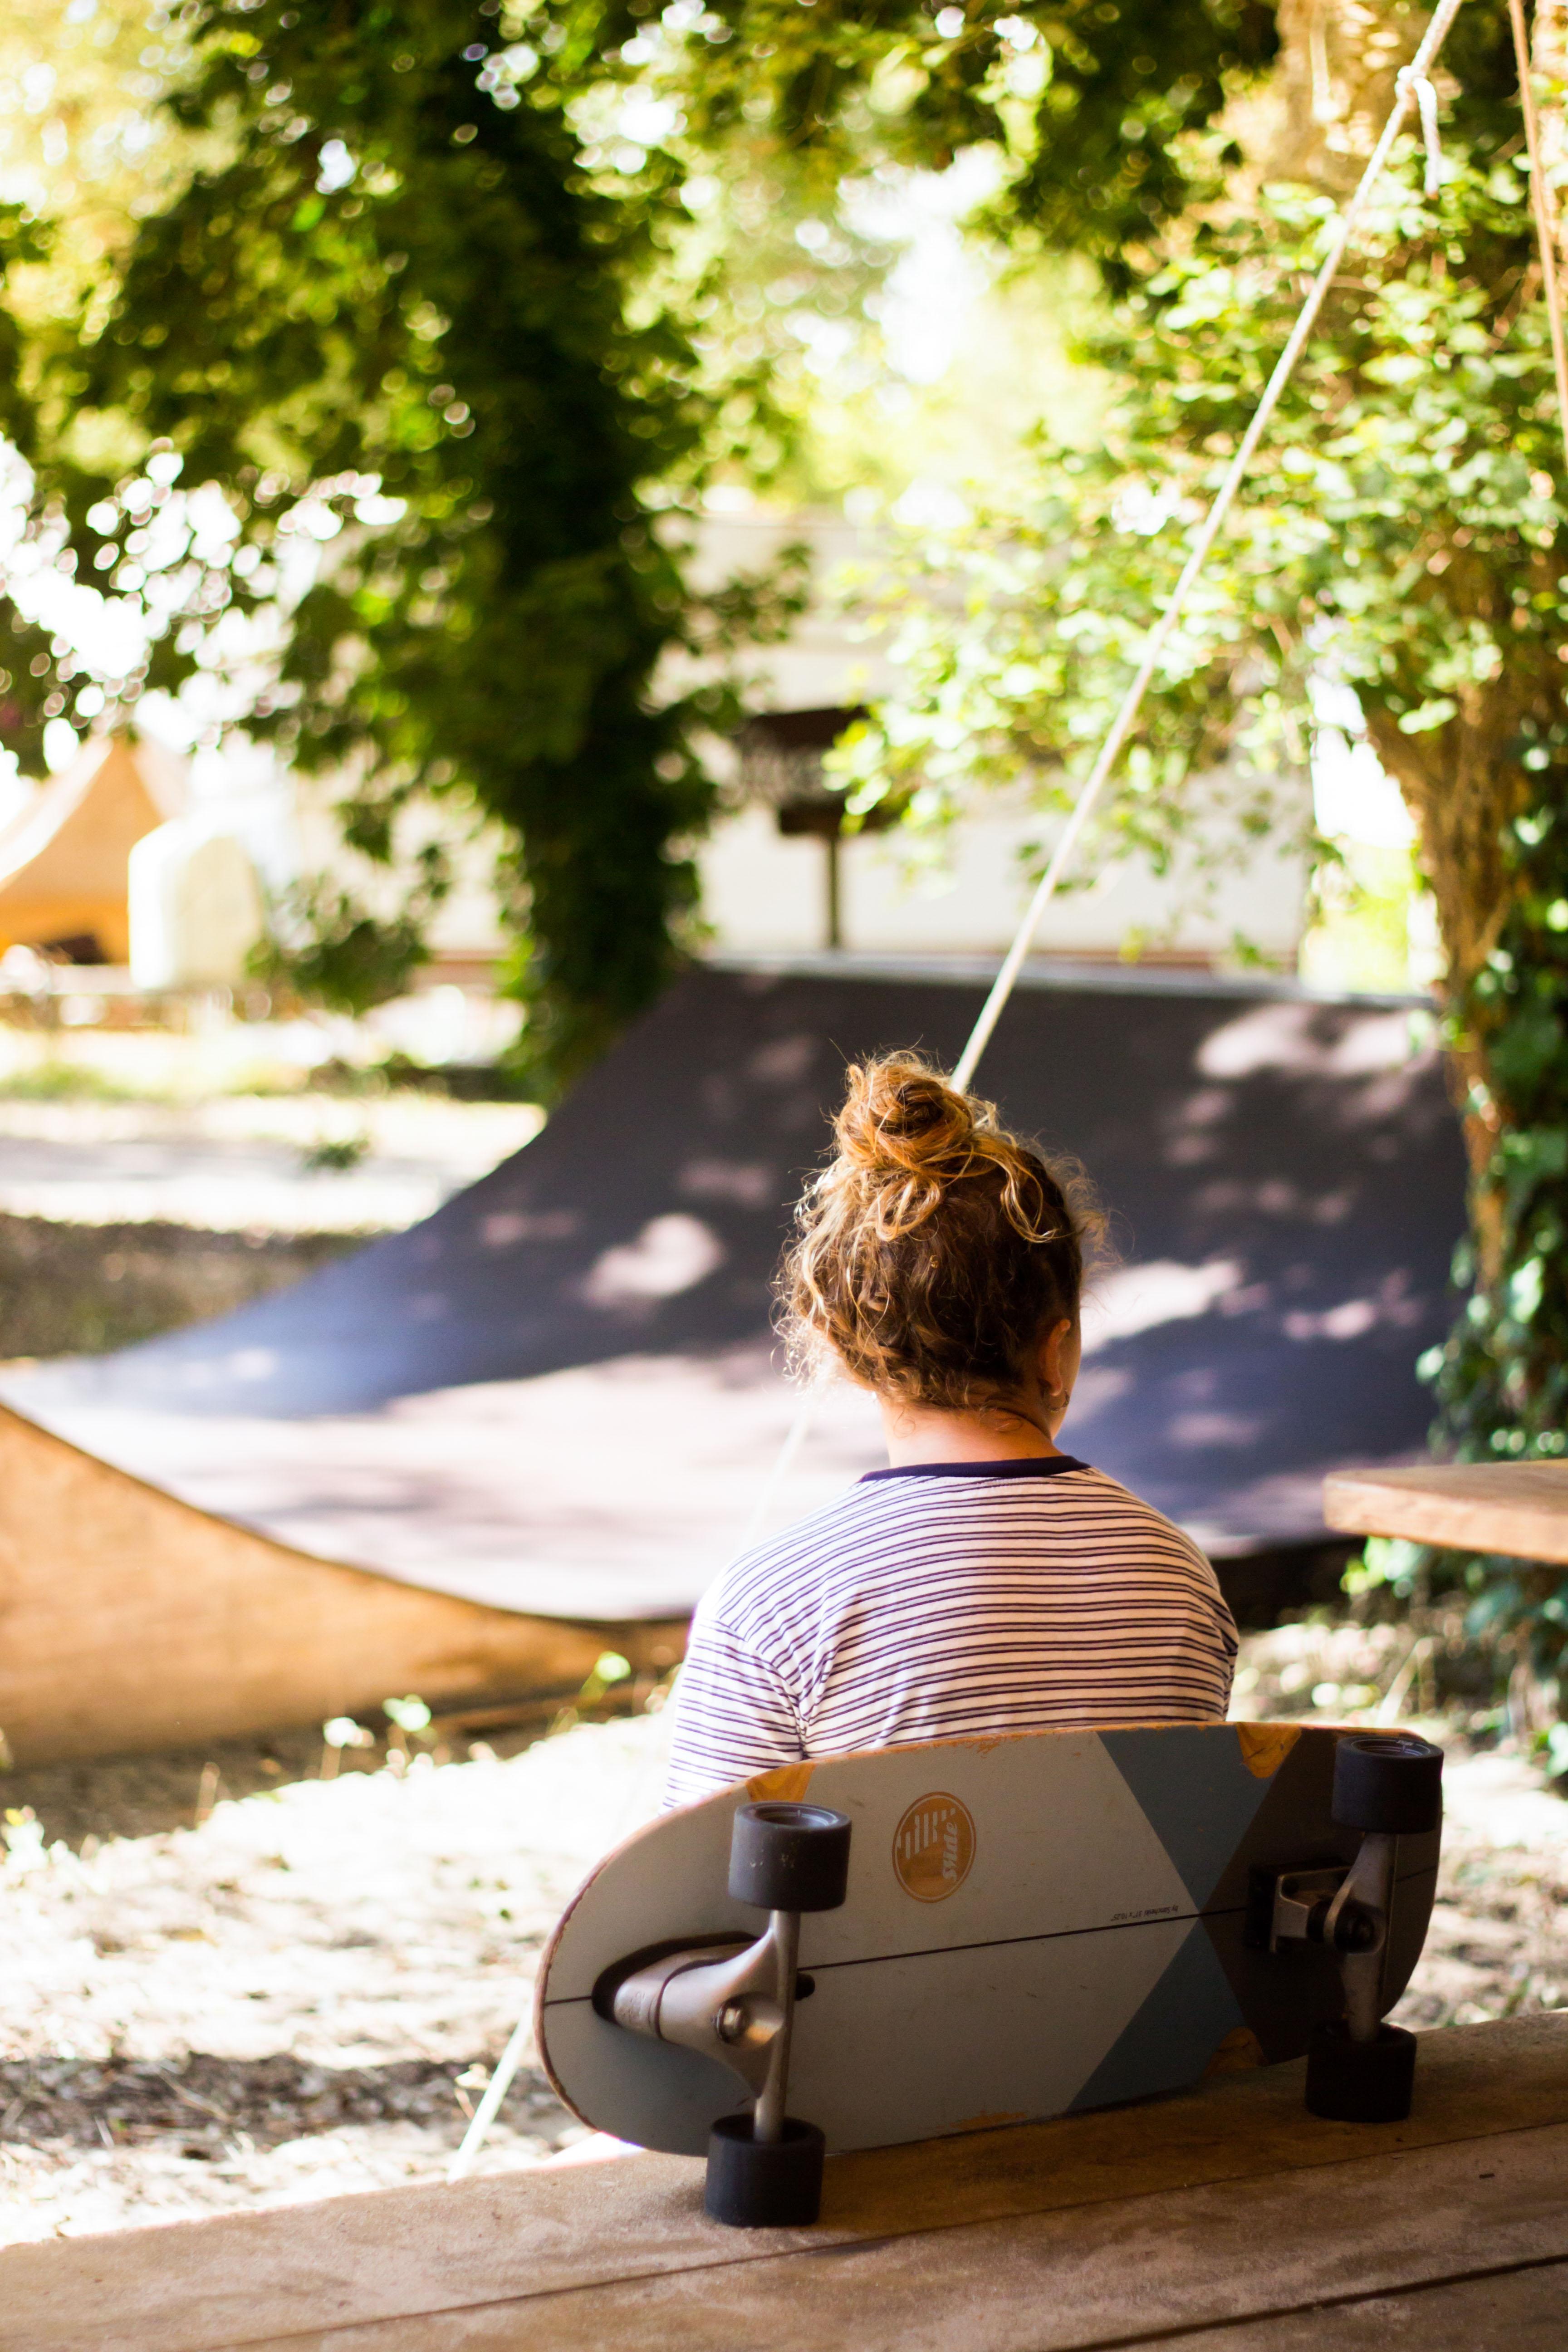 unterkunft junior surfcamp moliets planet surfcamps. Black Bedroom Furniture Sets. Home Design Ideas